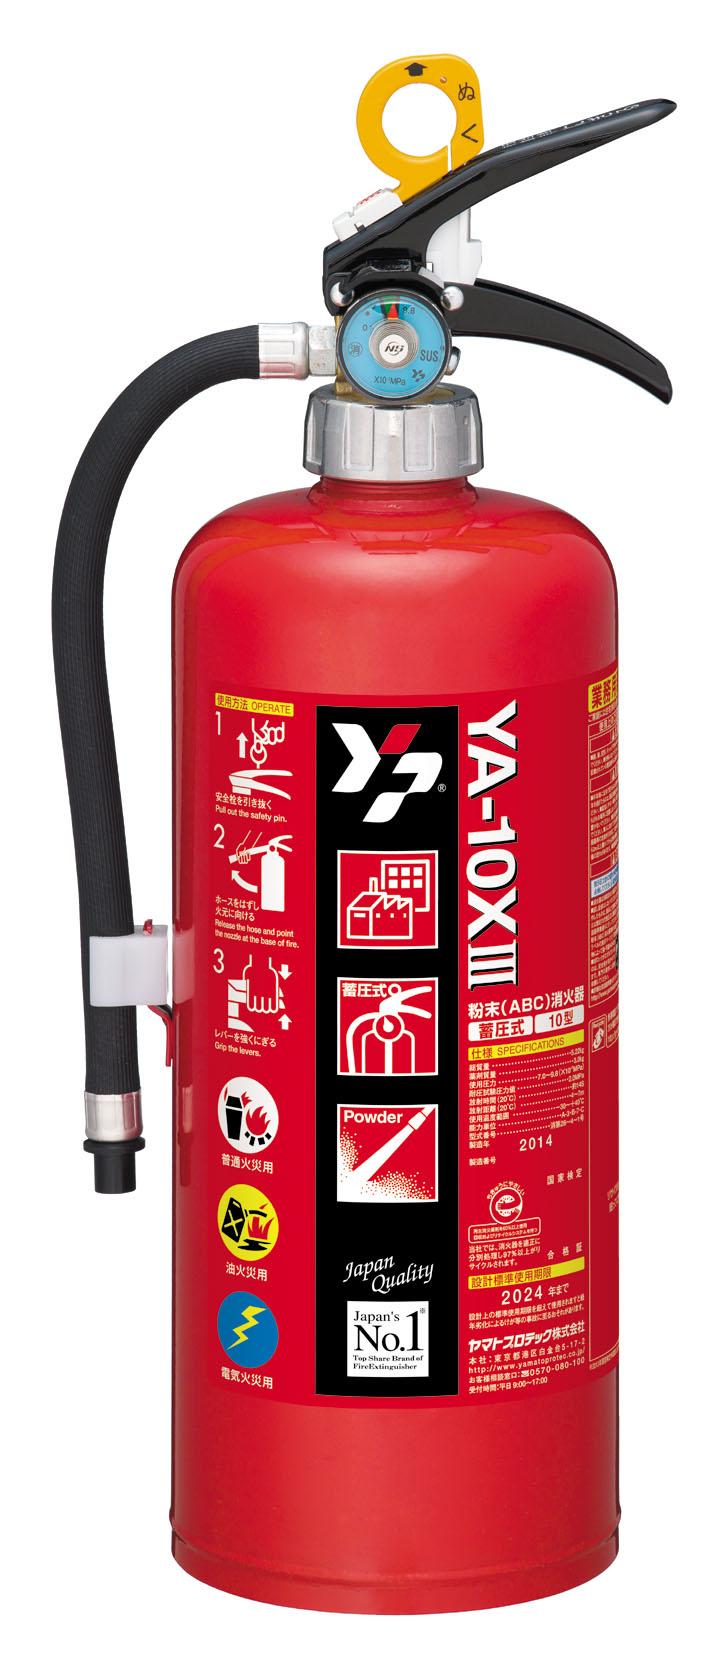 粉末(ABC)蓄圧式消火器 YA-10XⅢ